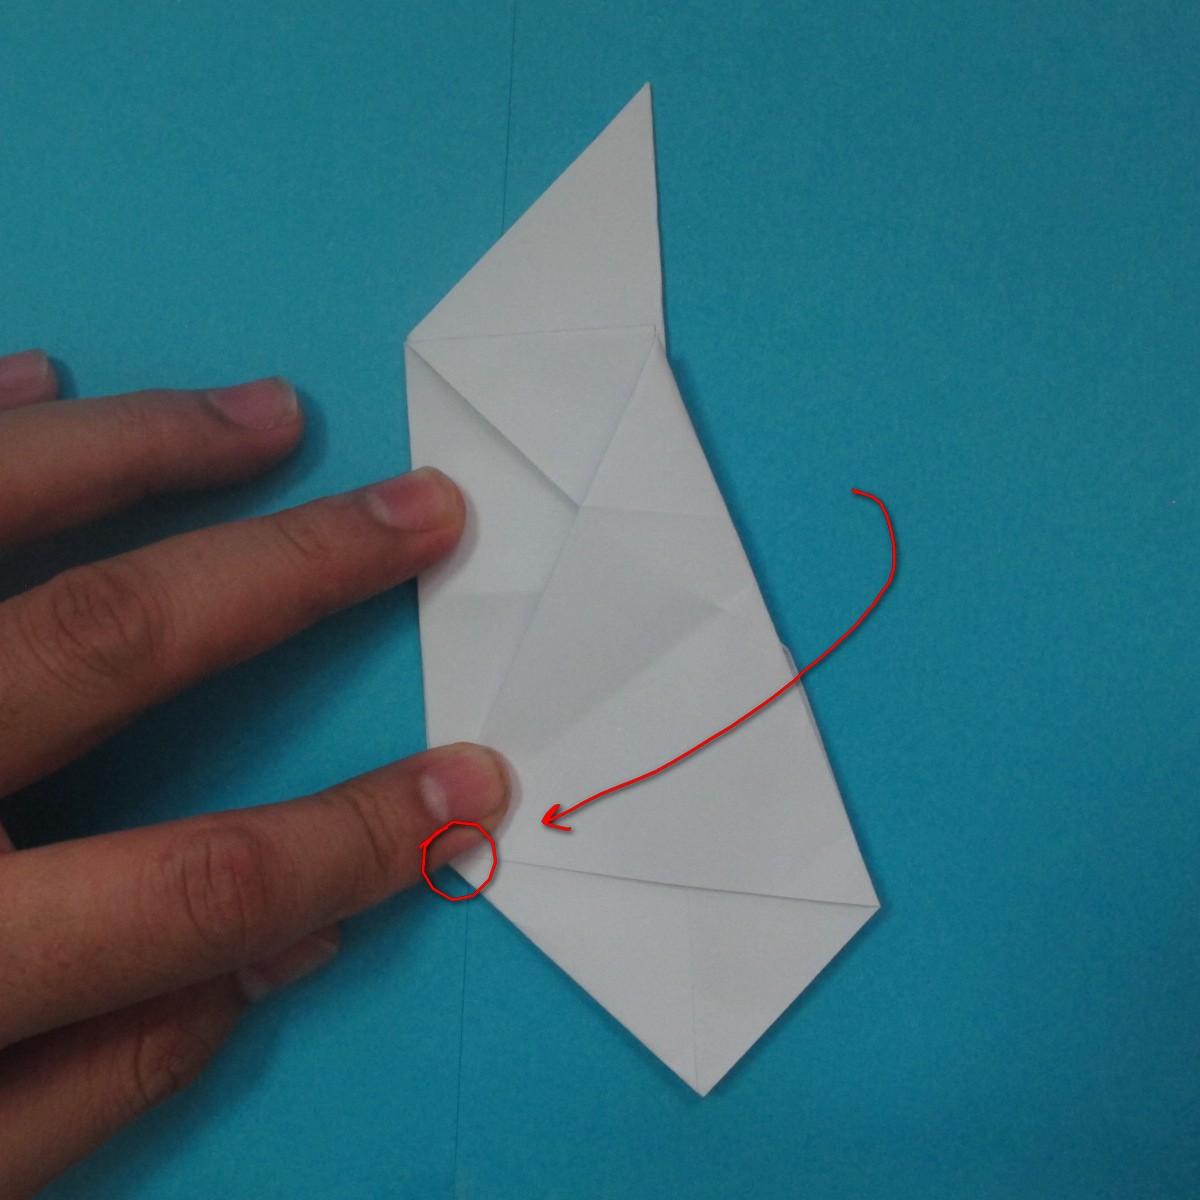 วิธีการพับกระดาษเป็นนกเพนกวิ้น 029